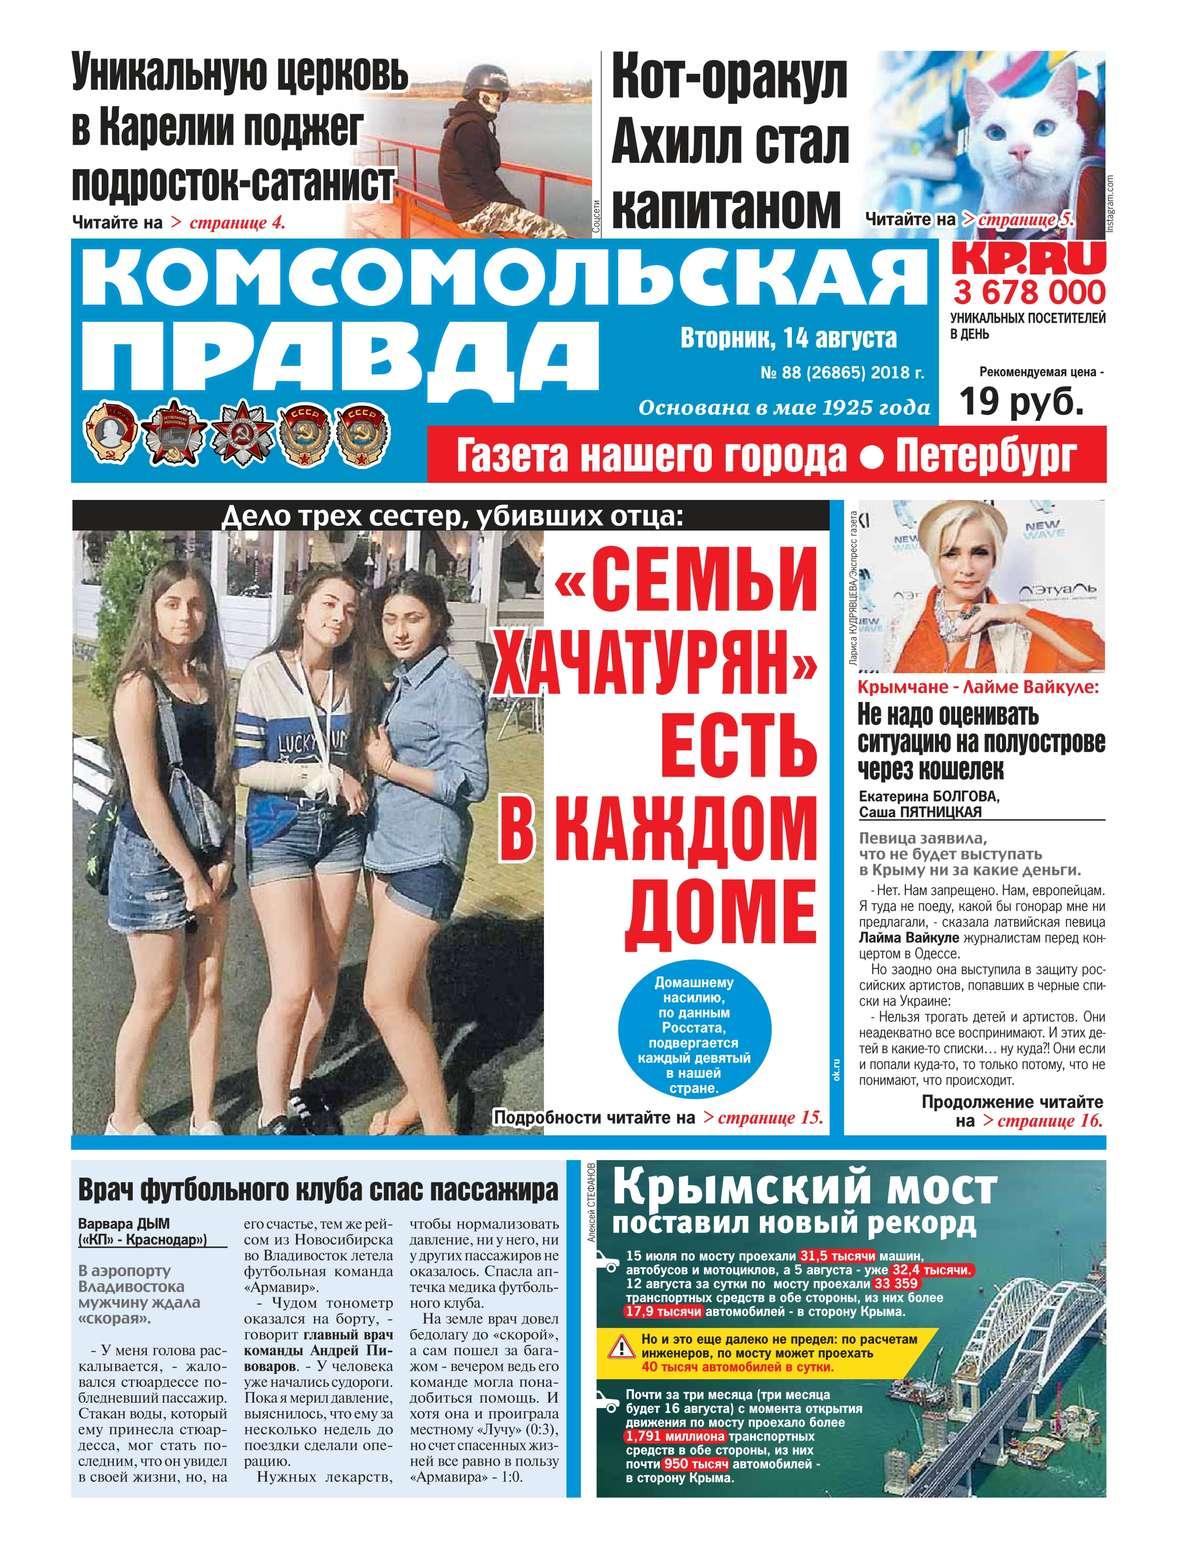 Редакция газеты Комсомольская Правда. - Комсомольская Правда. - 88-2018